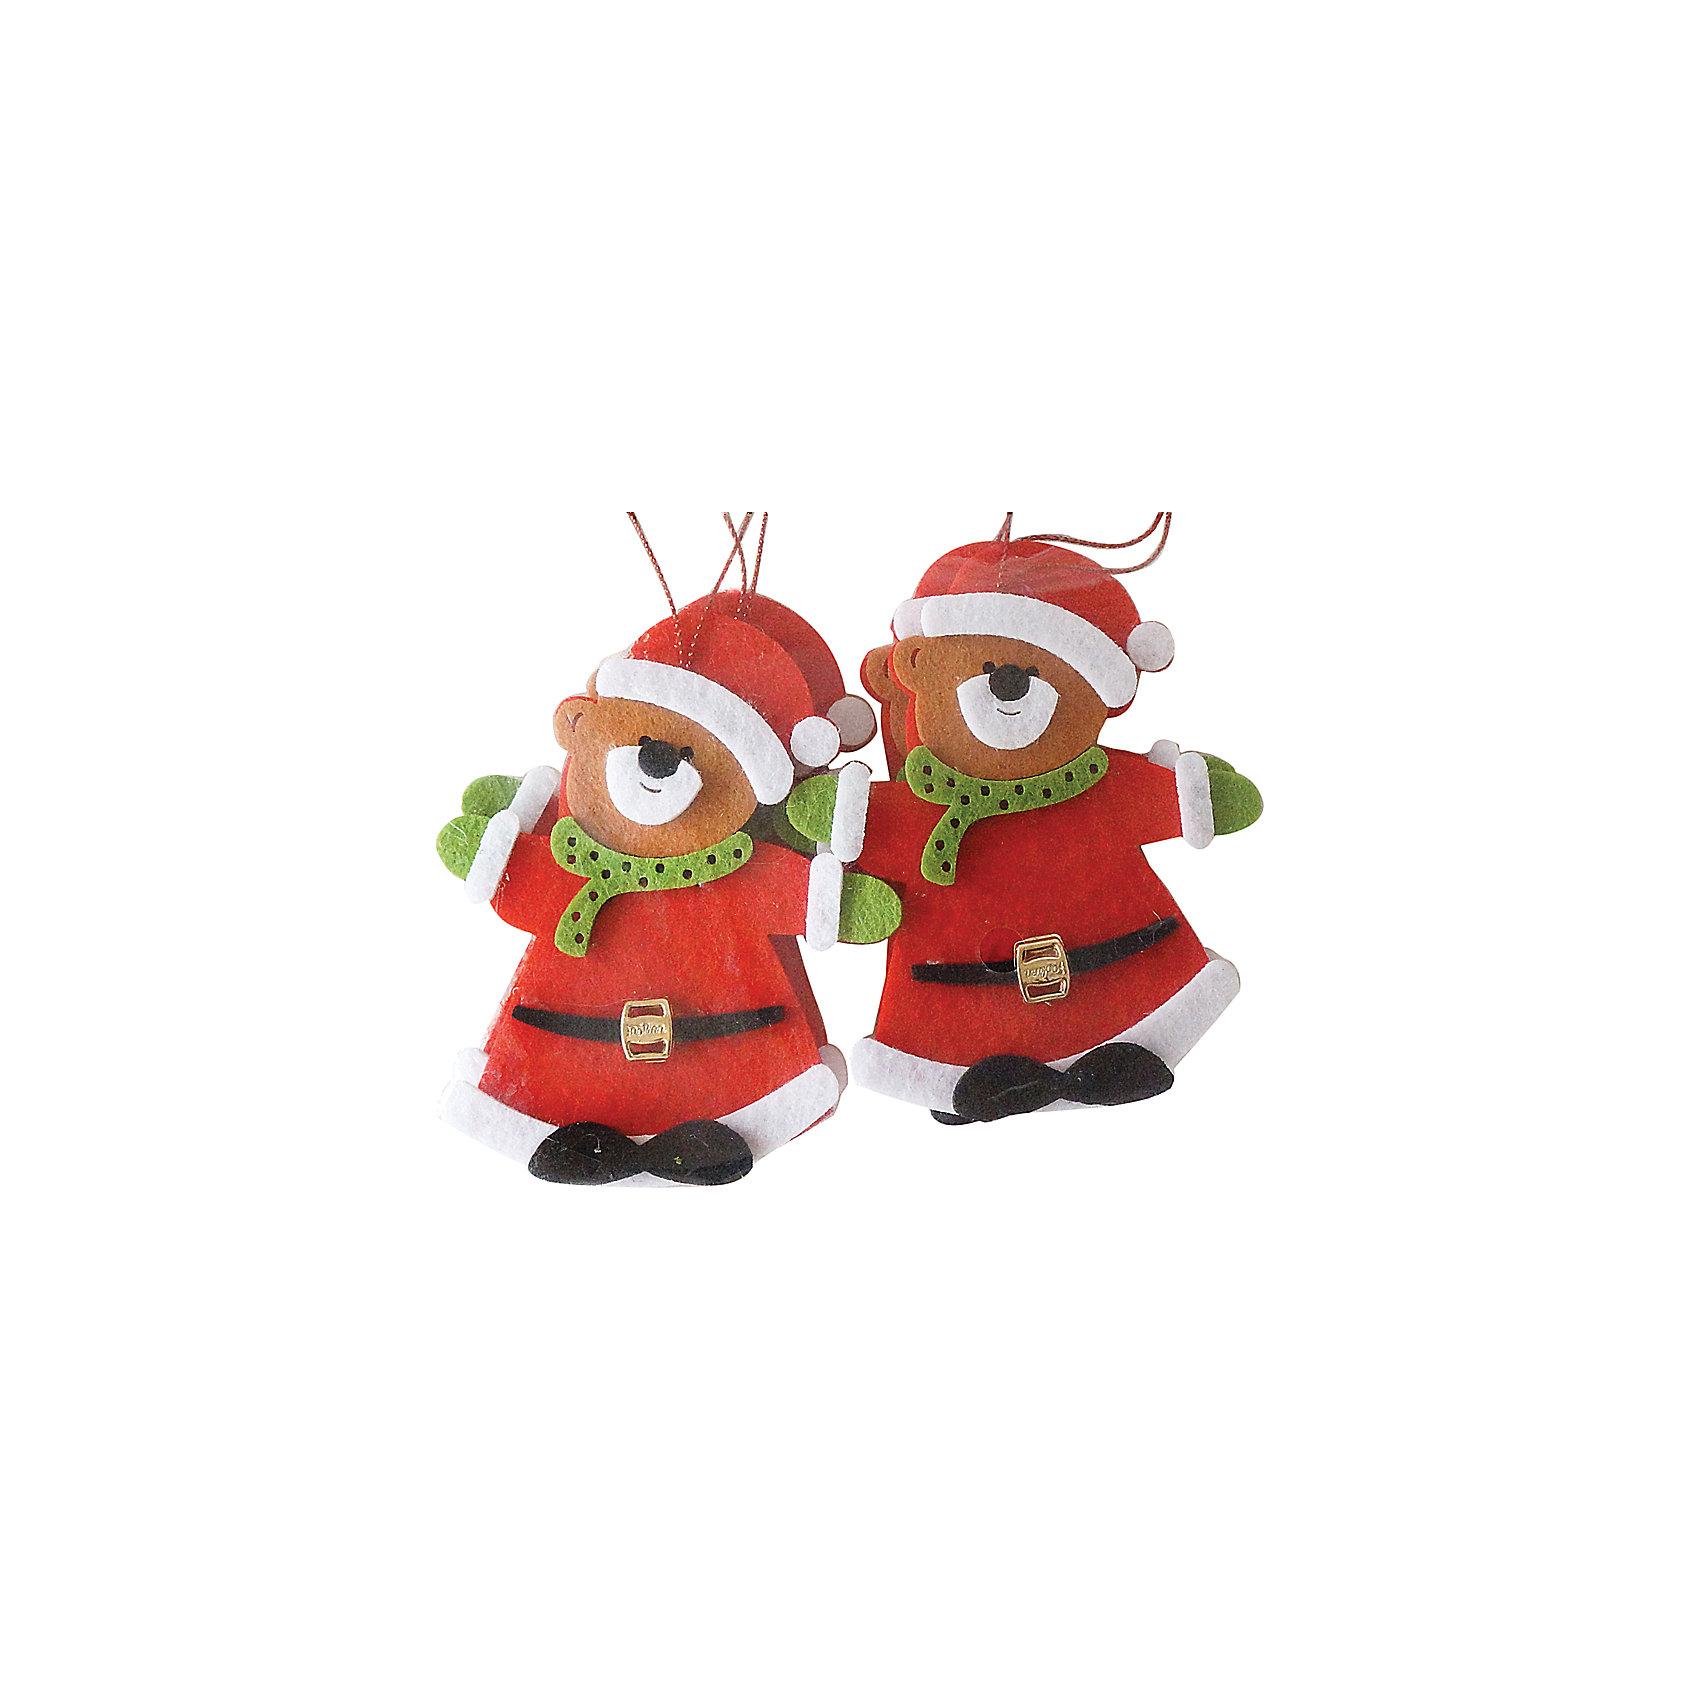 Набор подвесок Мишка 10 см, красныеВсё для праздника<br>Набор подвесок  красного цвета Мишки  украсит ваш интерьер и придаст ему новогоднее настроение.Размер подвески 10 см.<br><br>Ширина мм: 155<br>Глубина мм: 170<br>Высота мм: 10<br>Вес г: 20<br>Возраст от месяцев: 36<br>Возраст до месяцев: 420<br>Пол: Унисекс<br>Возраст: Детский<br>SKU: 5078440